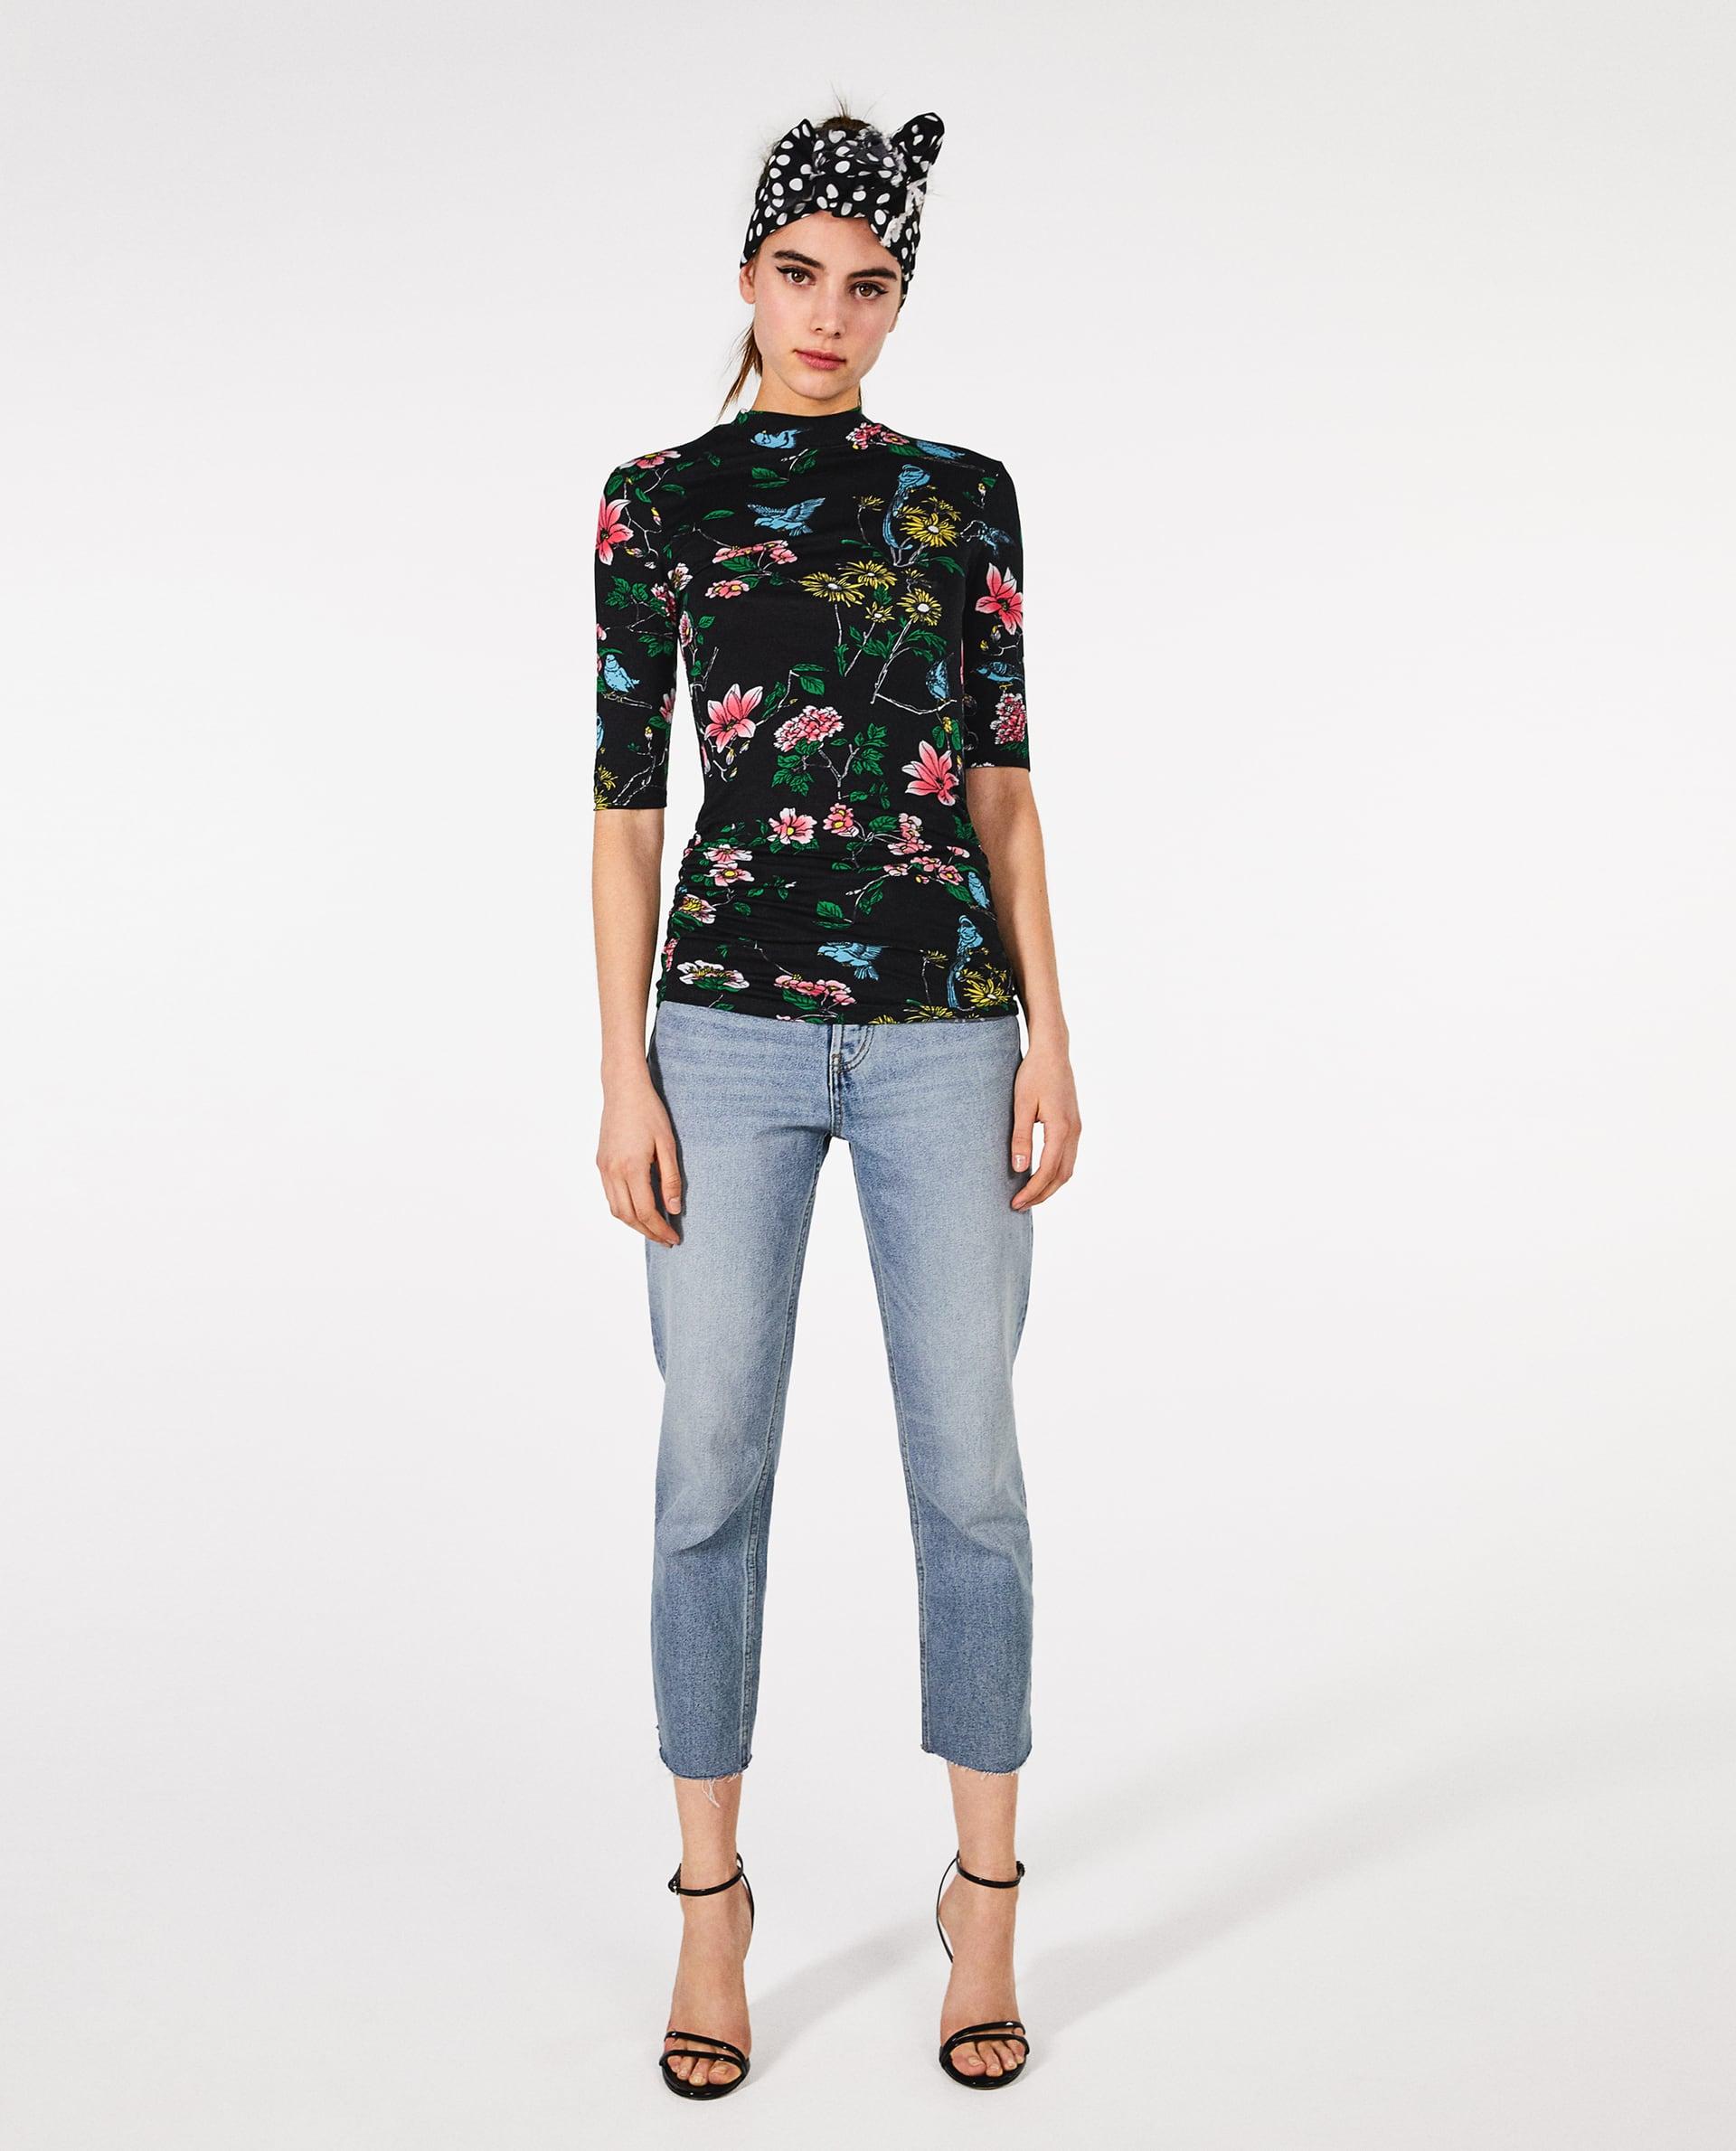 T shirt a fiori Zara collezione primavera estate 2018